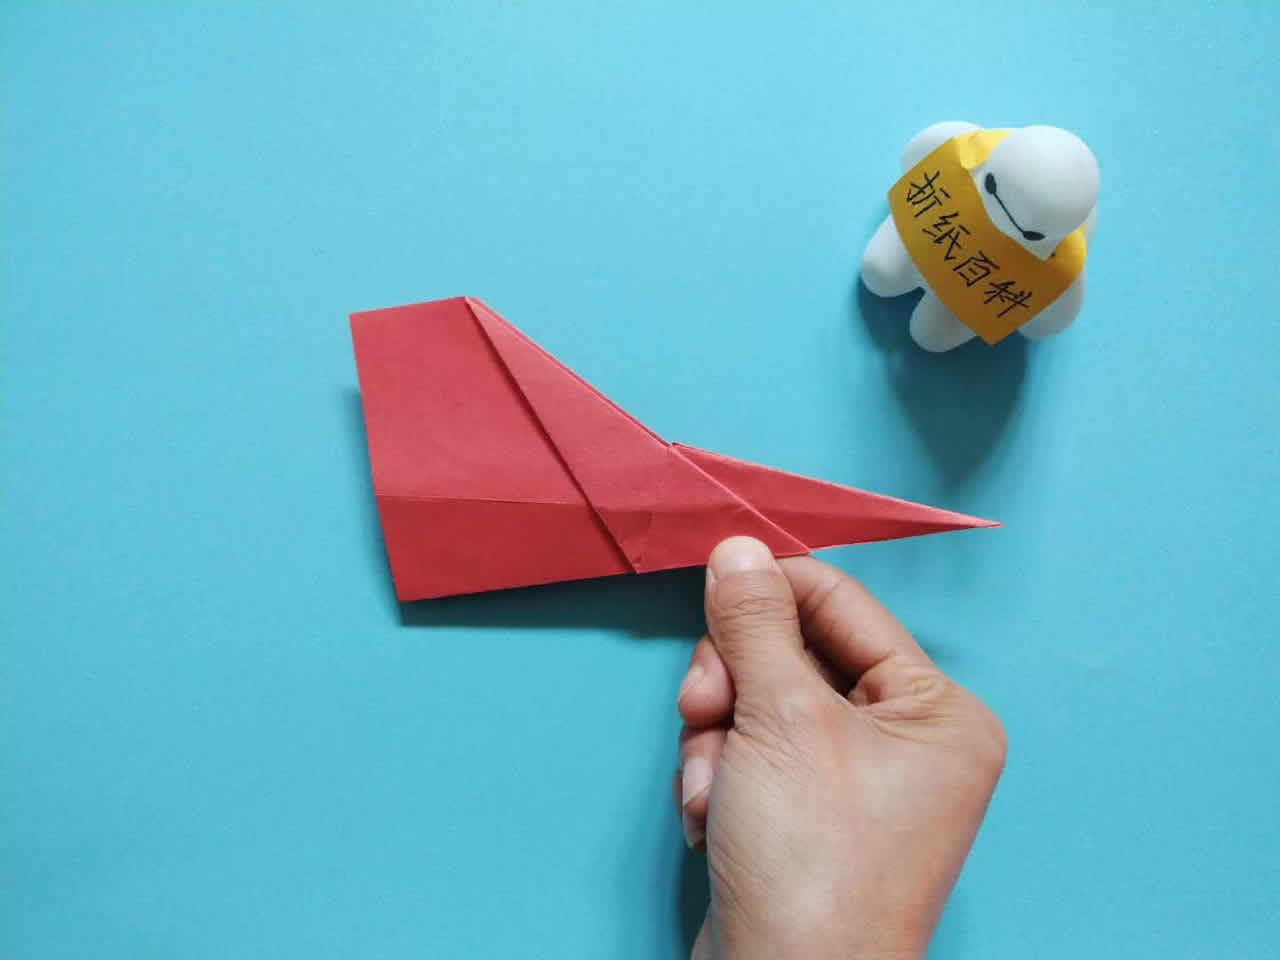 能飞得很远的折纸飞机,简单几步就做好,手工DIY折纸图解教程 家务妙招 第7张